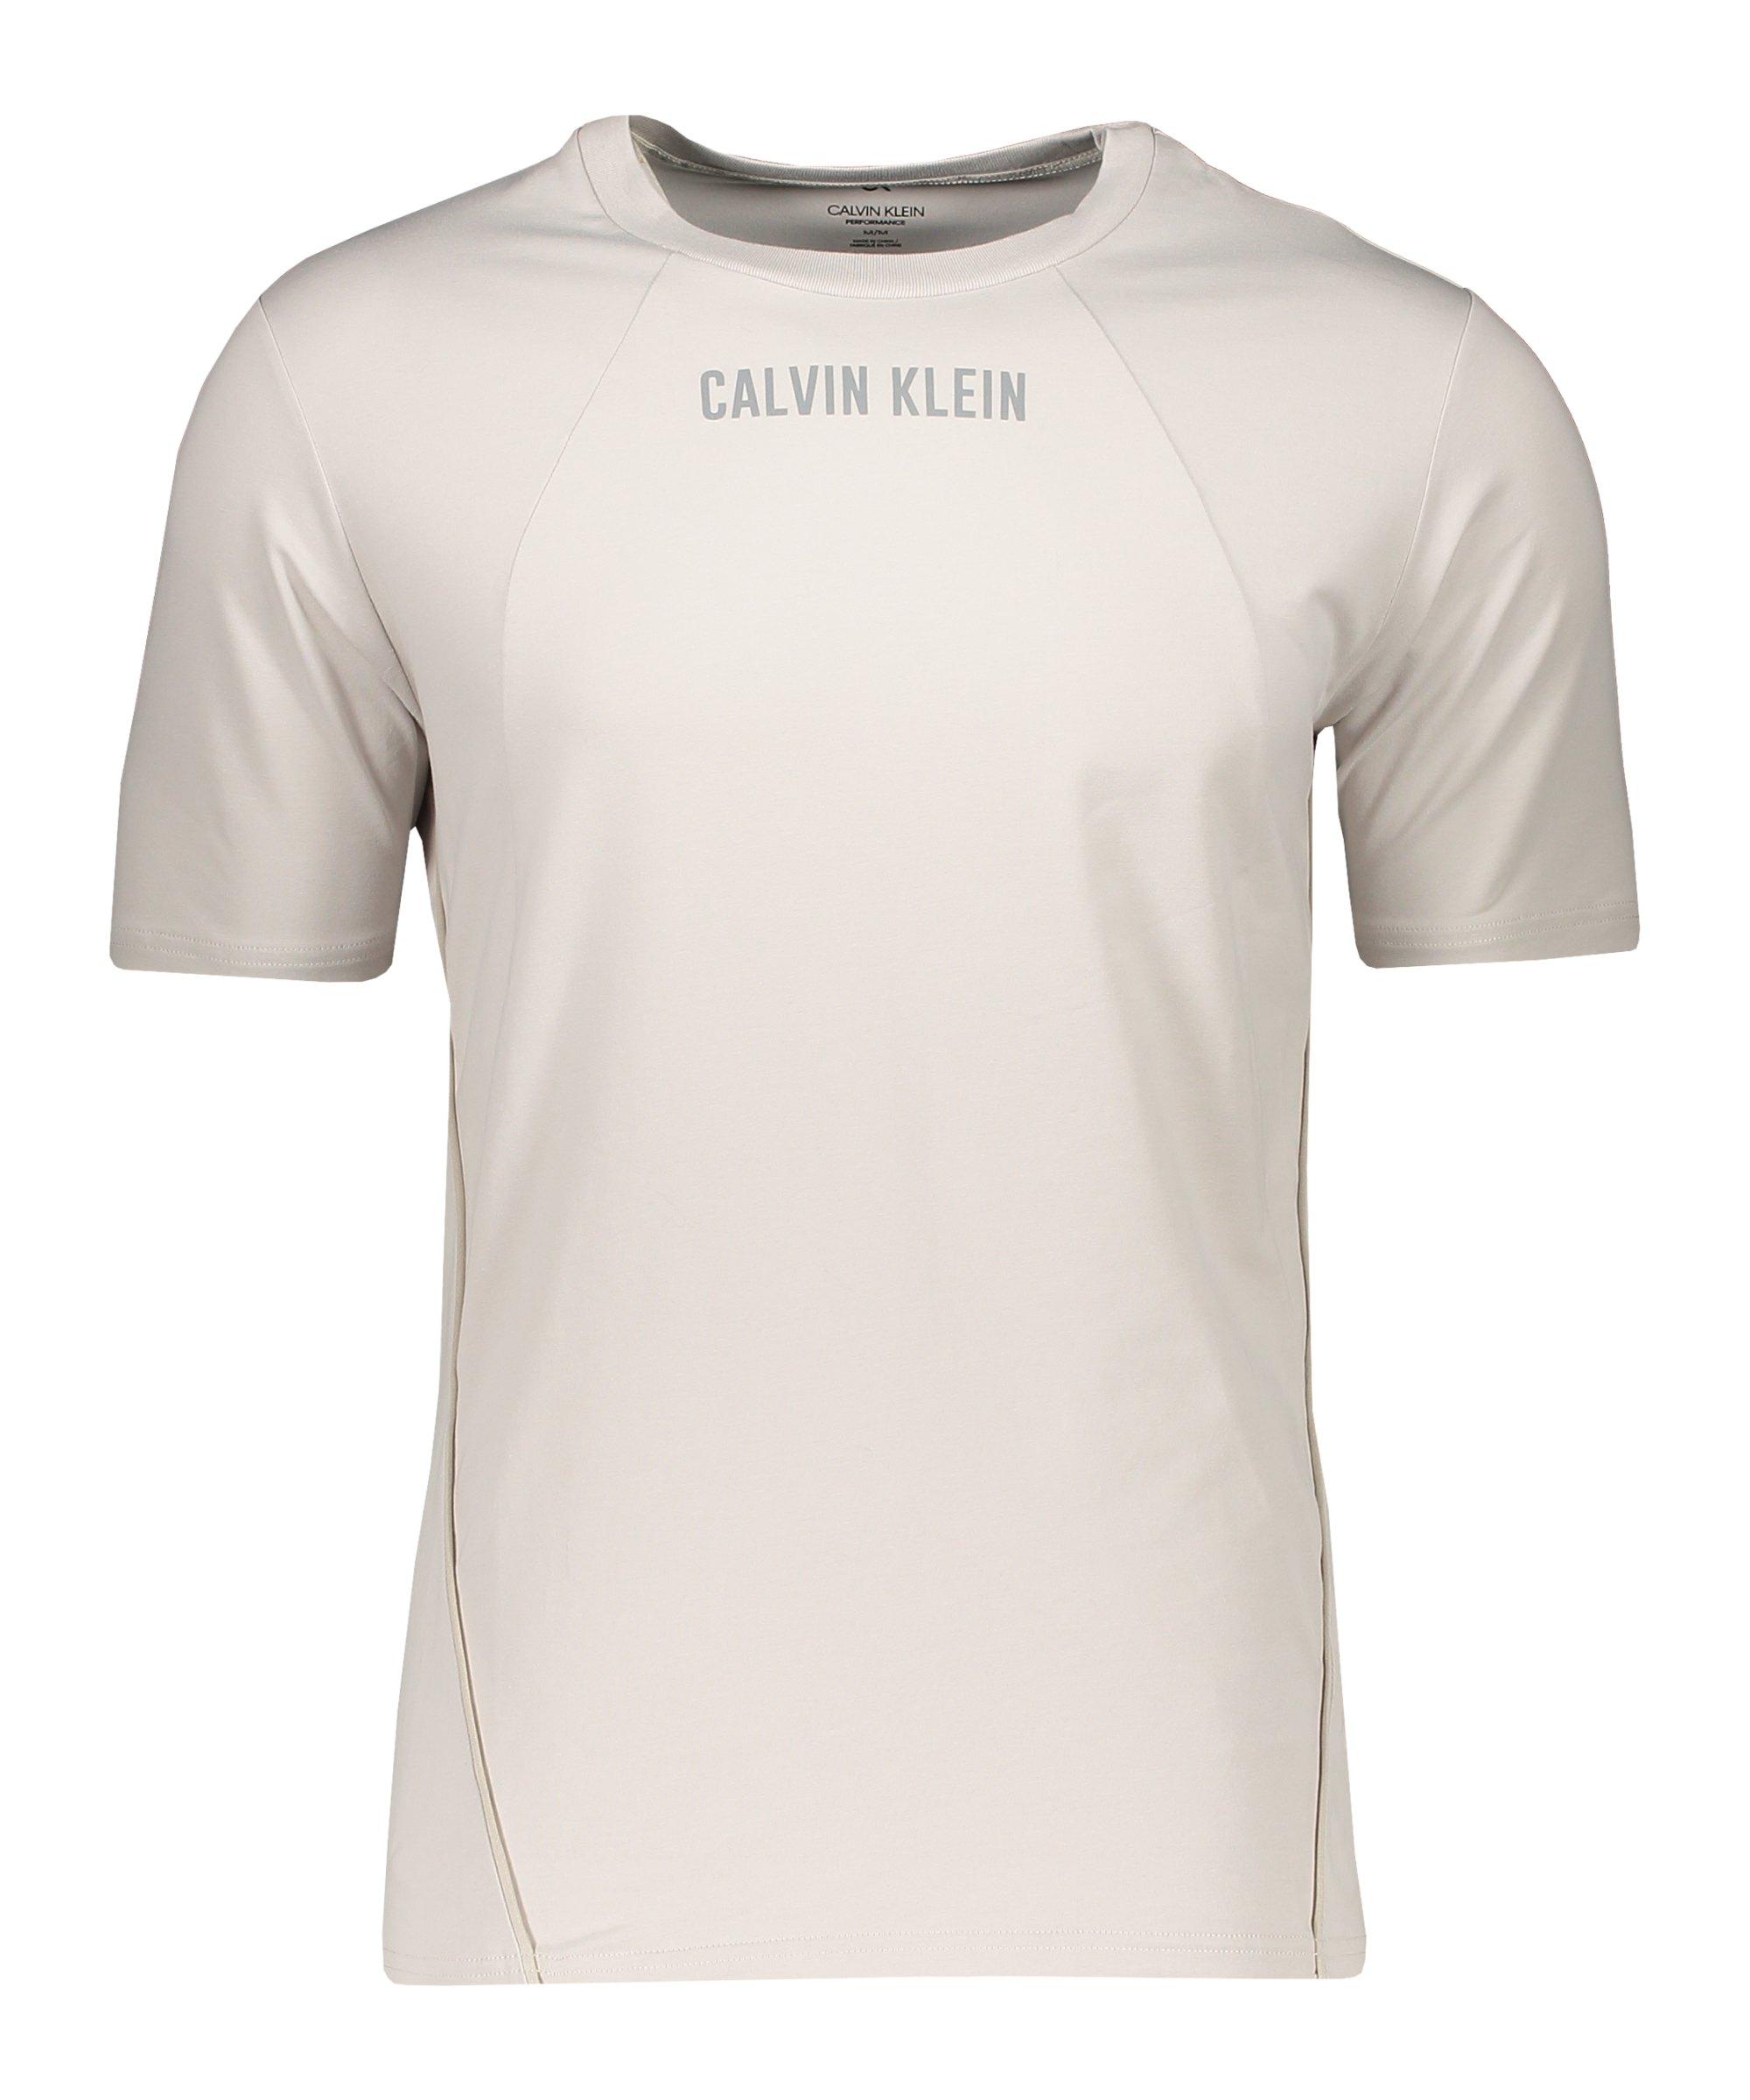 Calvin Klein T-Shirt Beige F082 - beige